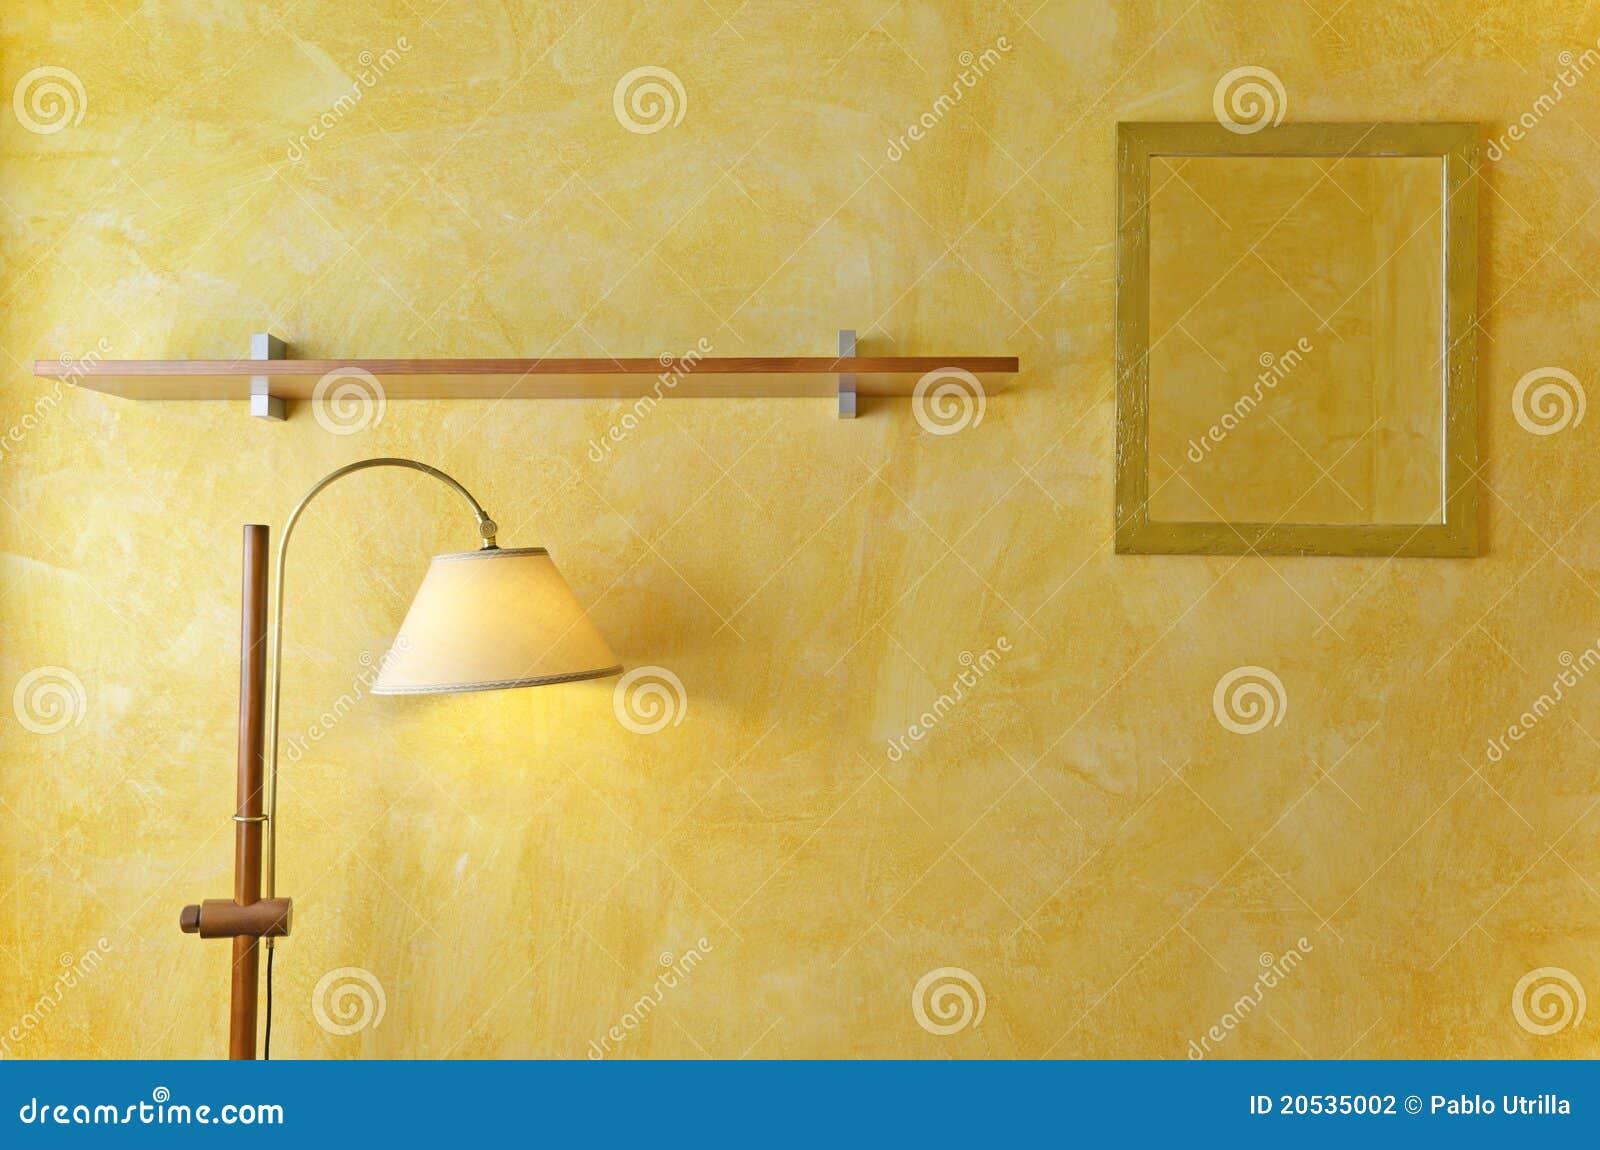 Espejos de la pared interior l mparas y estantes de madera - Lampara de pared interior ...